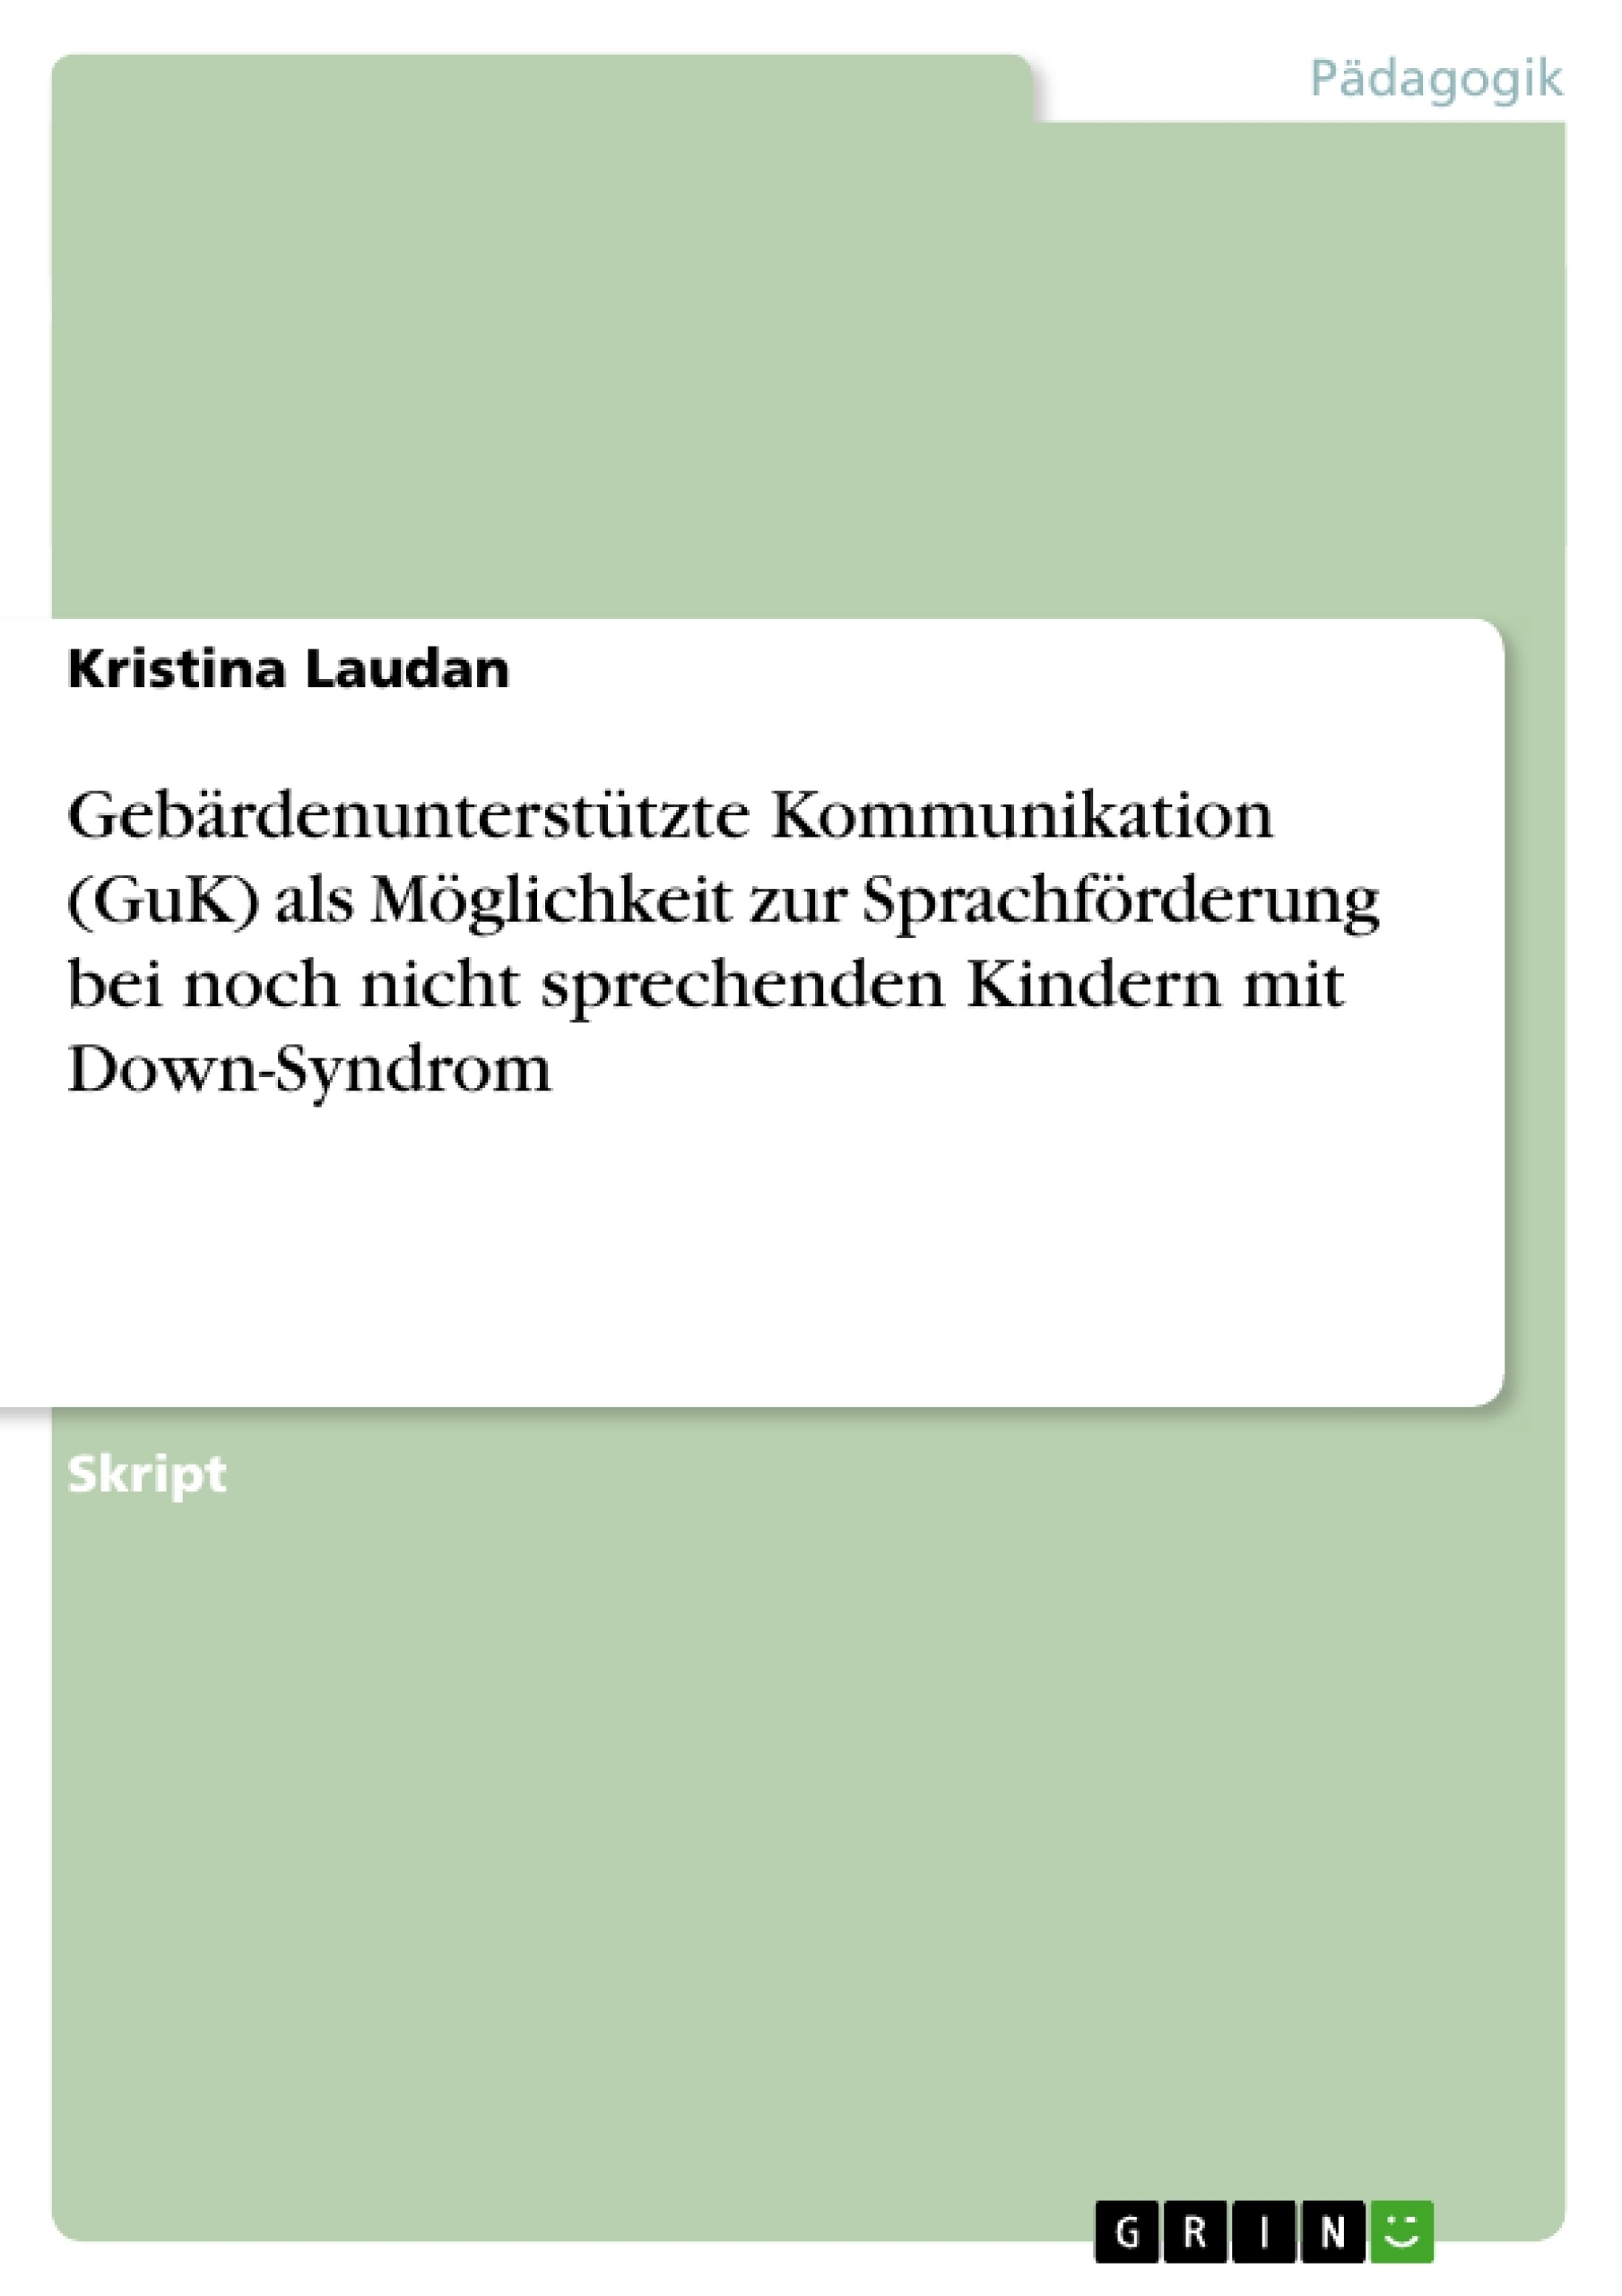 Titel: Gebärdenunterstützte Kommunikation (GuK) als Möglichkeit zur Sprachförderung bei noch nicht sprechenden Kindern mit Down-Syndrom